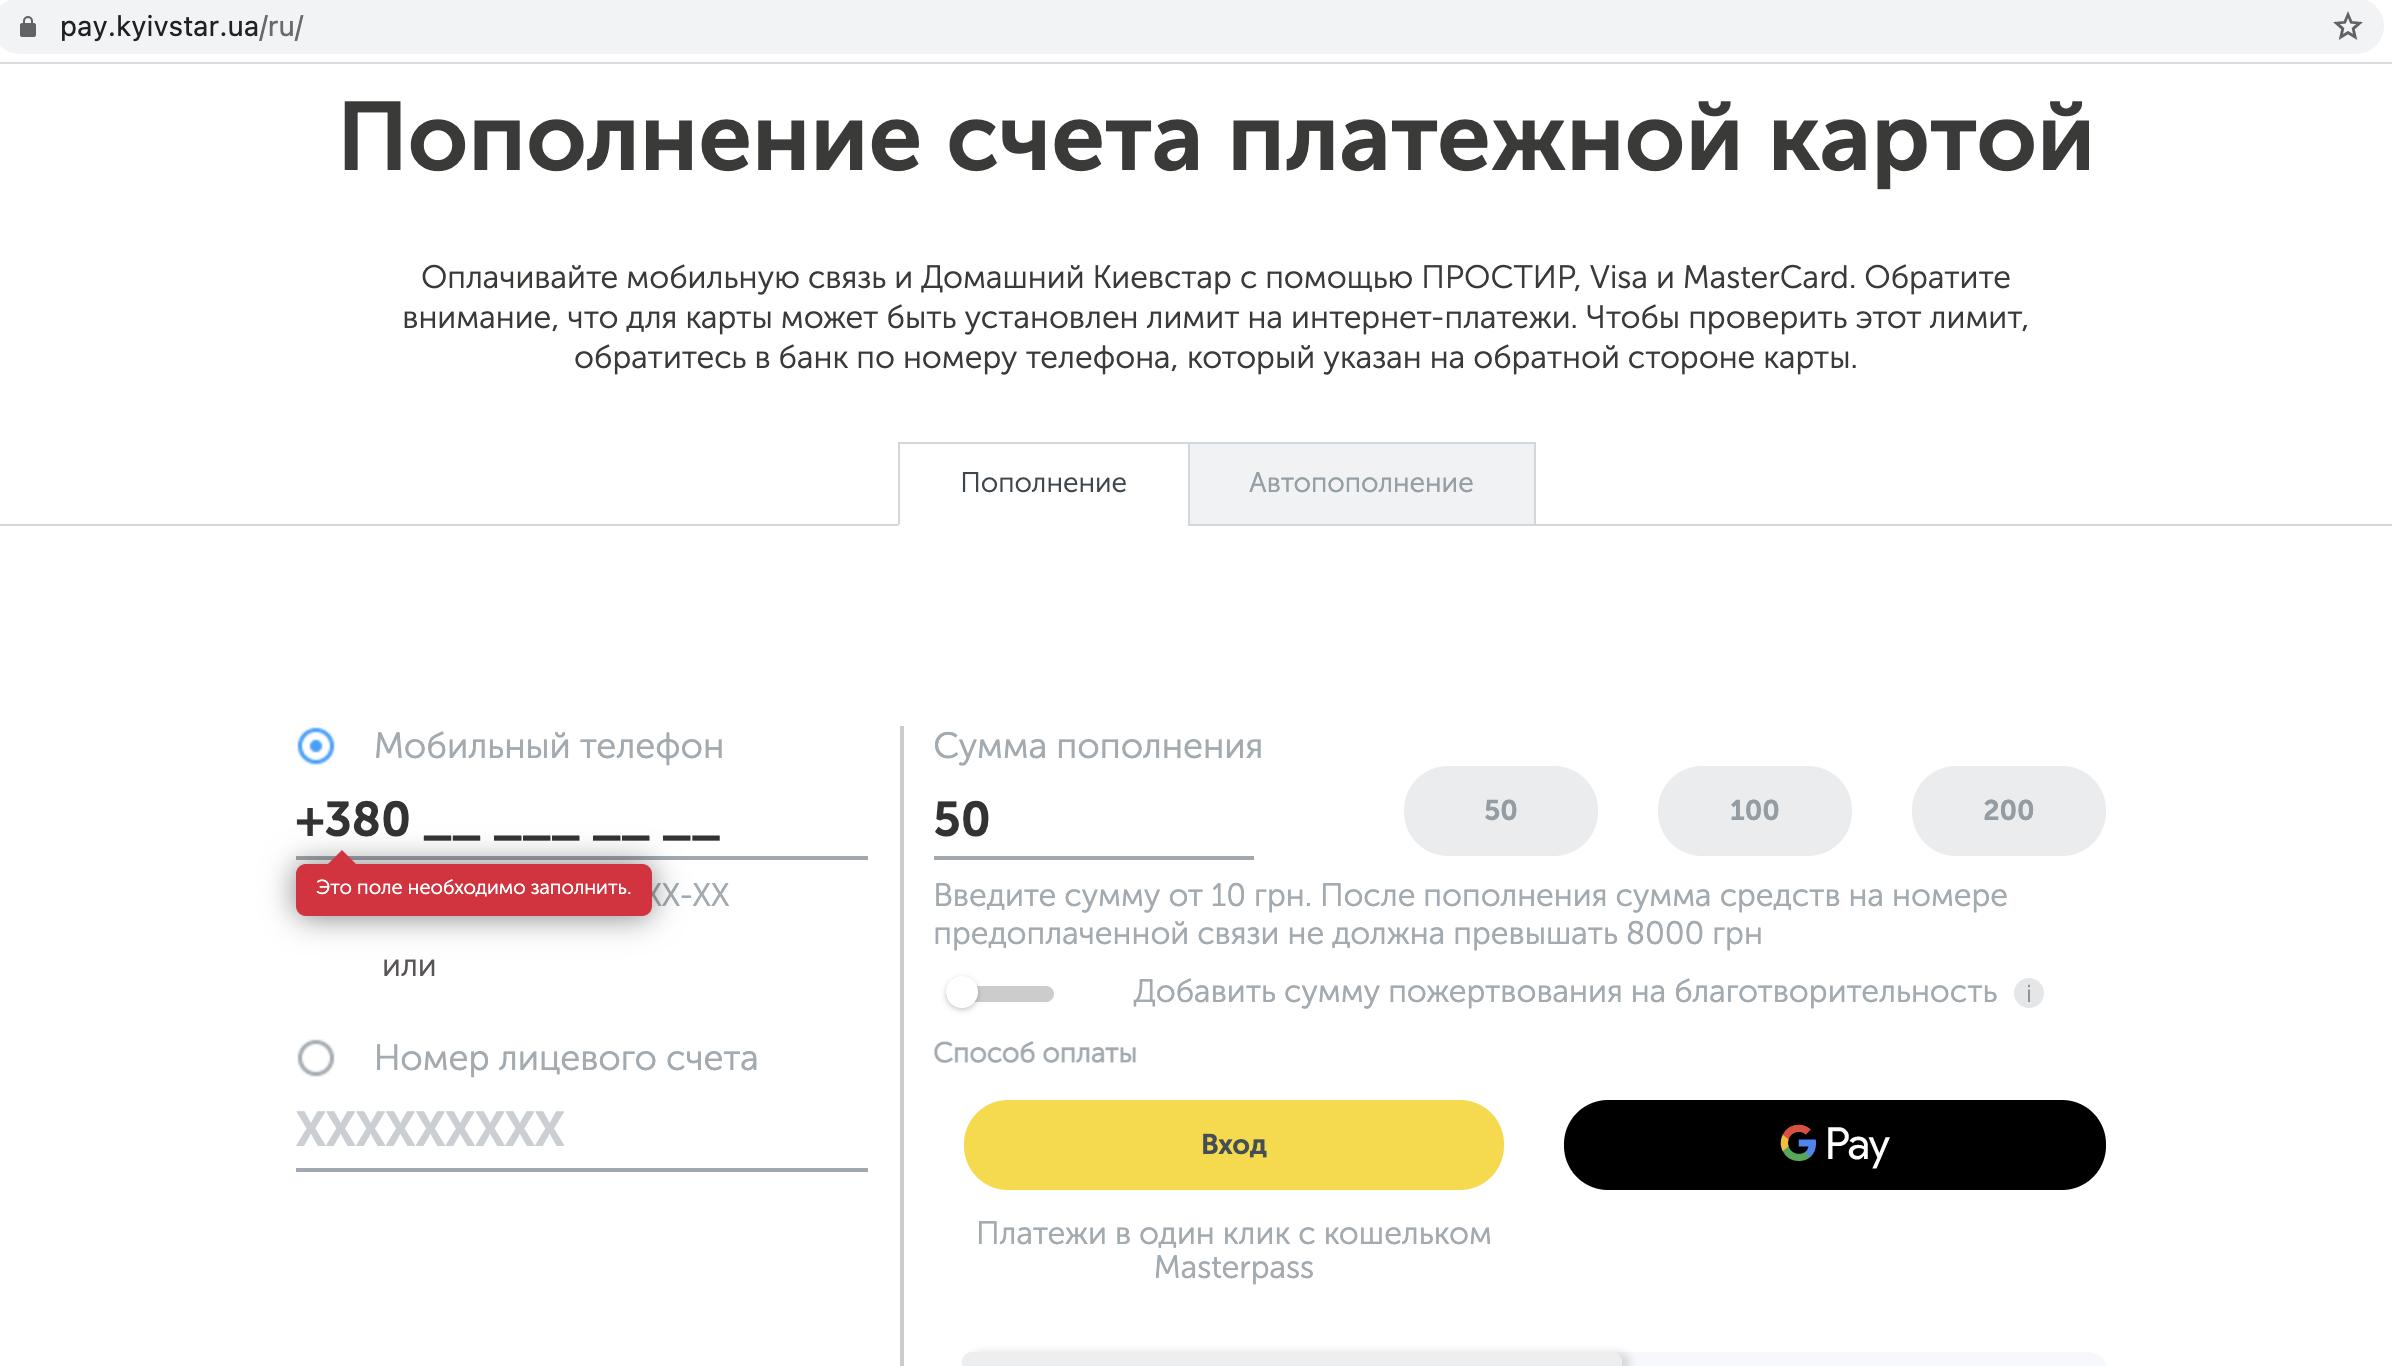 """Как пополнить счет мобильного оператора """"Киевстар"""": 4 простых способа — фото 1"""